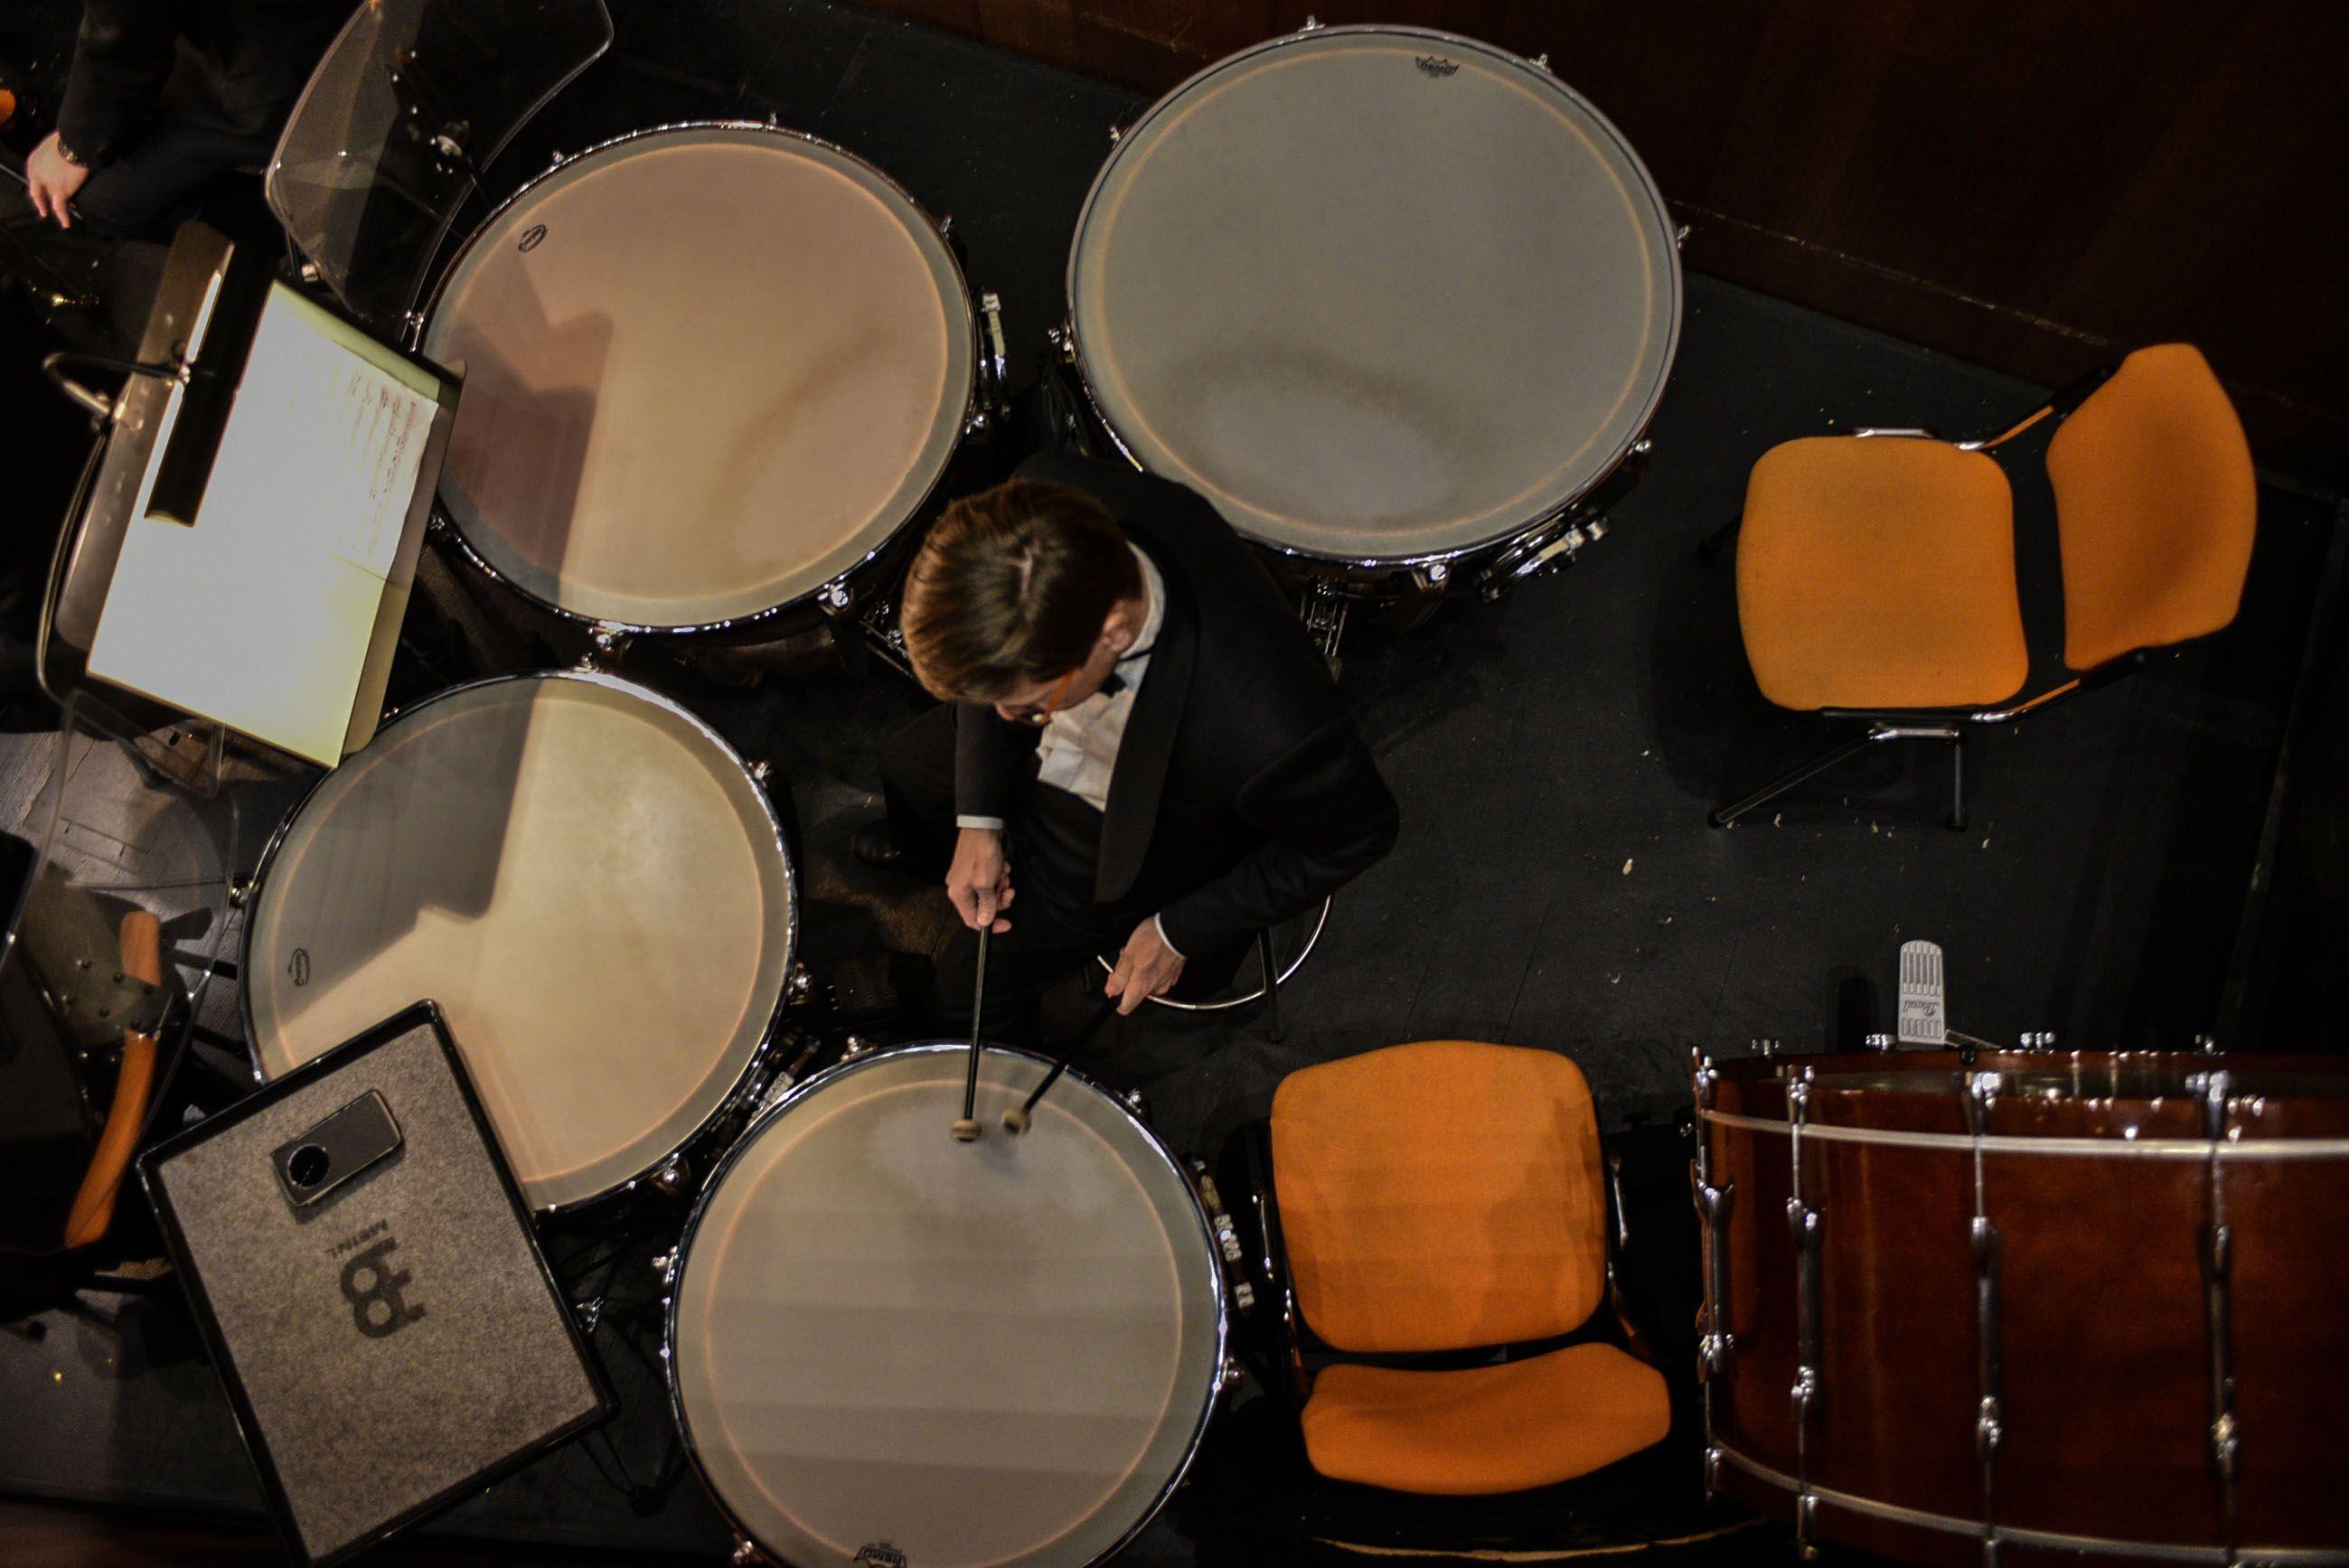 Музыканты из Шишкиного Леса выступят на окружном концерте. Фото: Пелагия Замятина, «Вечерняя Москва»